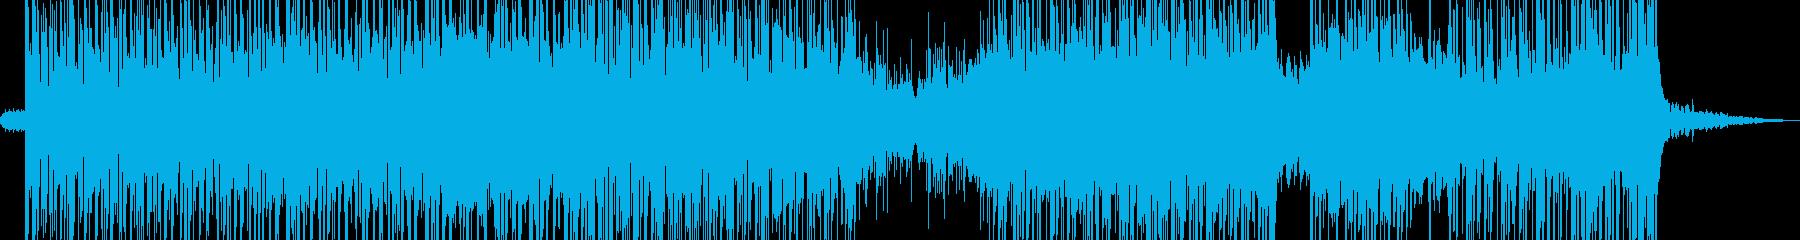 秘密結社・作戦・ミステリービート A3の再生済みの波形